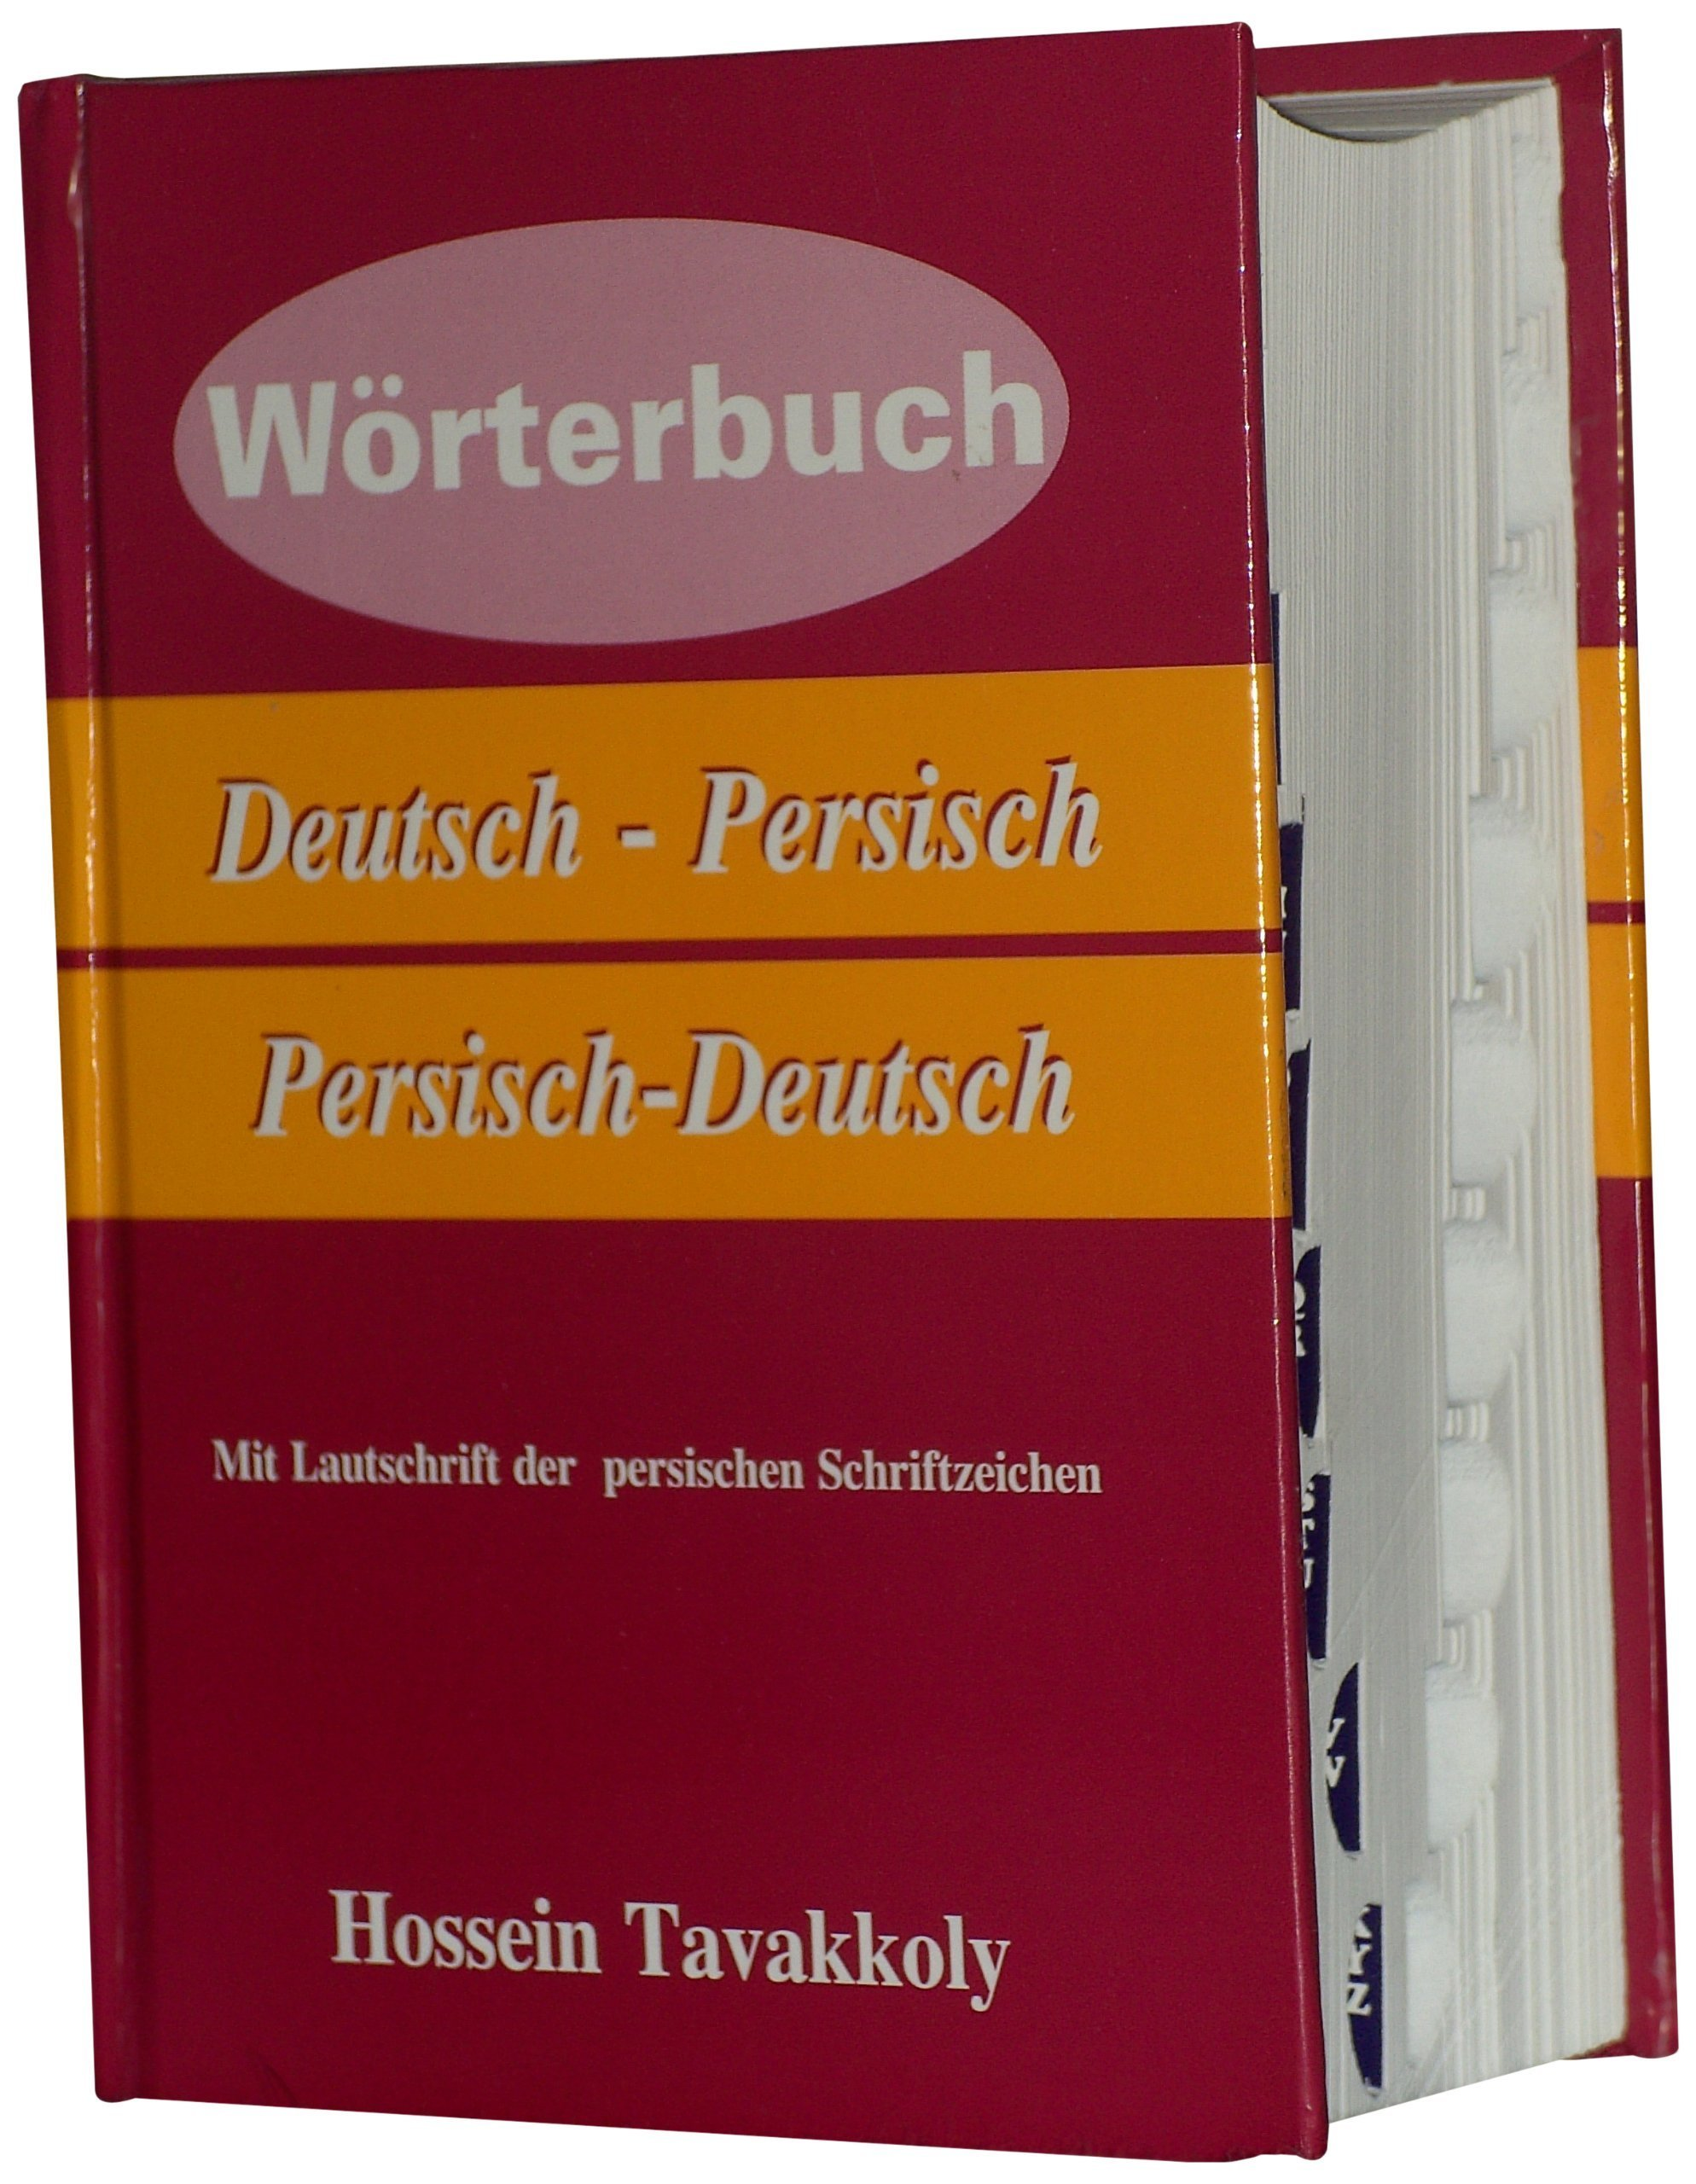 Wörterbuch Deutsch Persisch  Persisch Deutsch Von Hossein Tavakkoly  1. April 2004  Gebundene Ausgabe